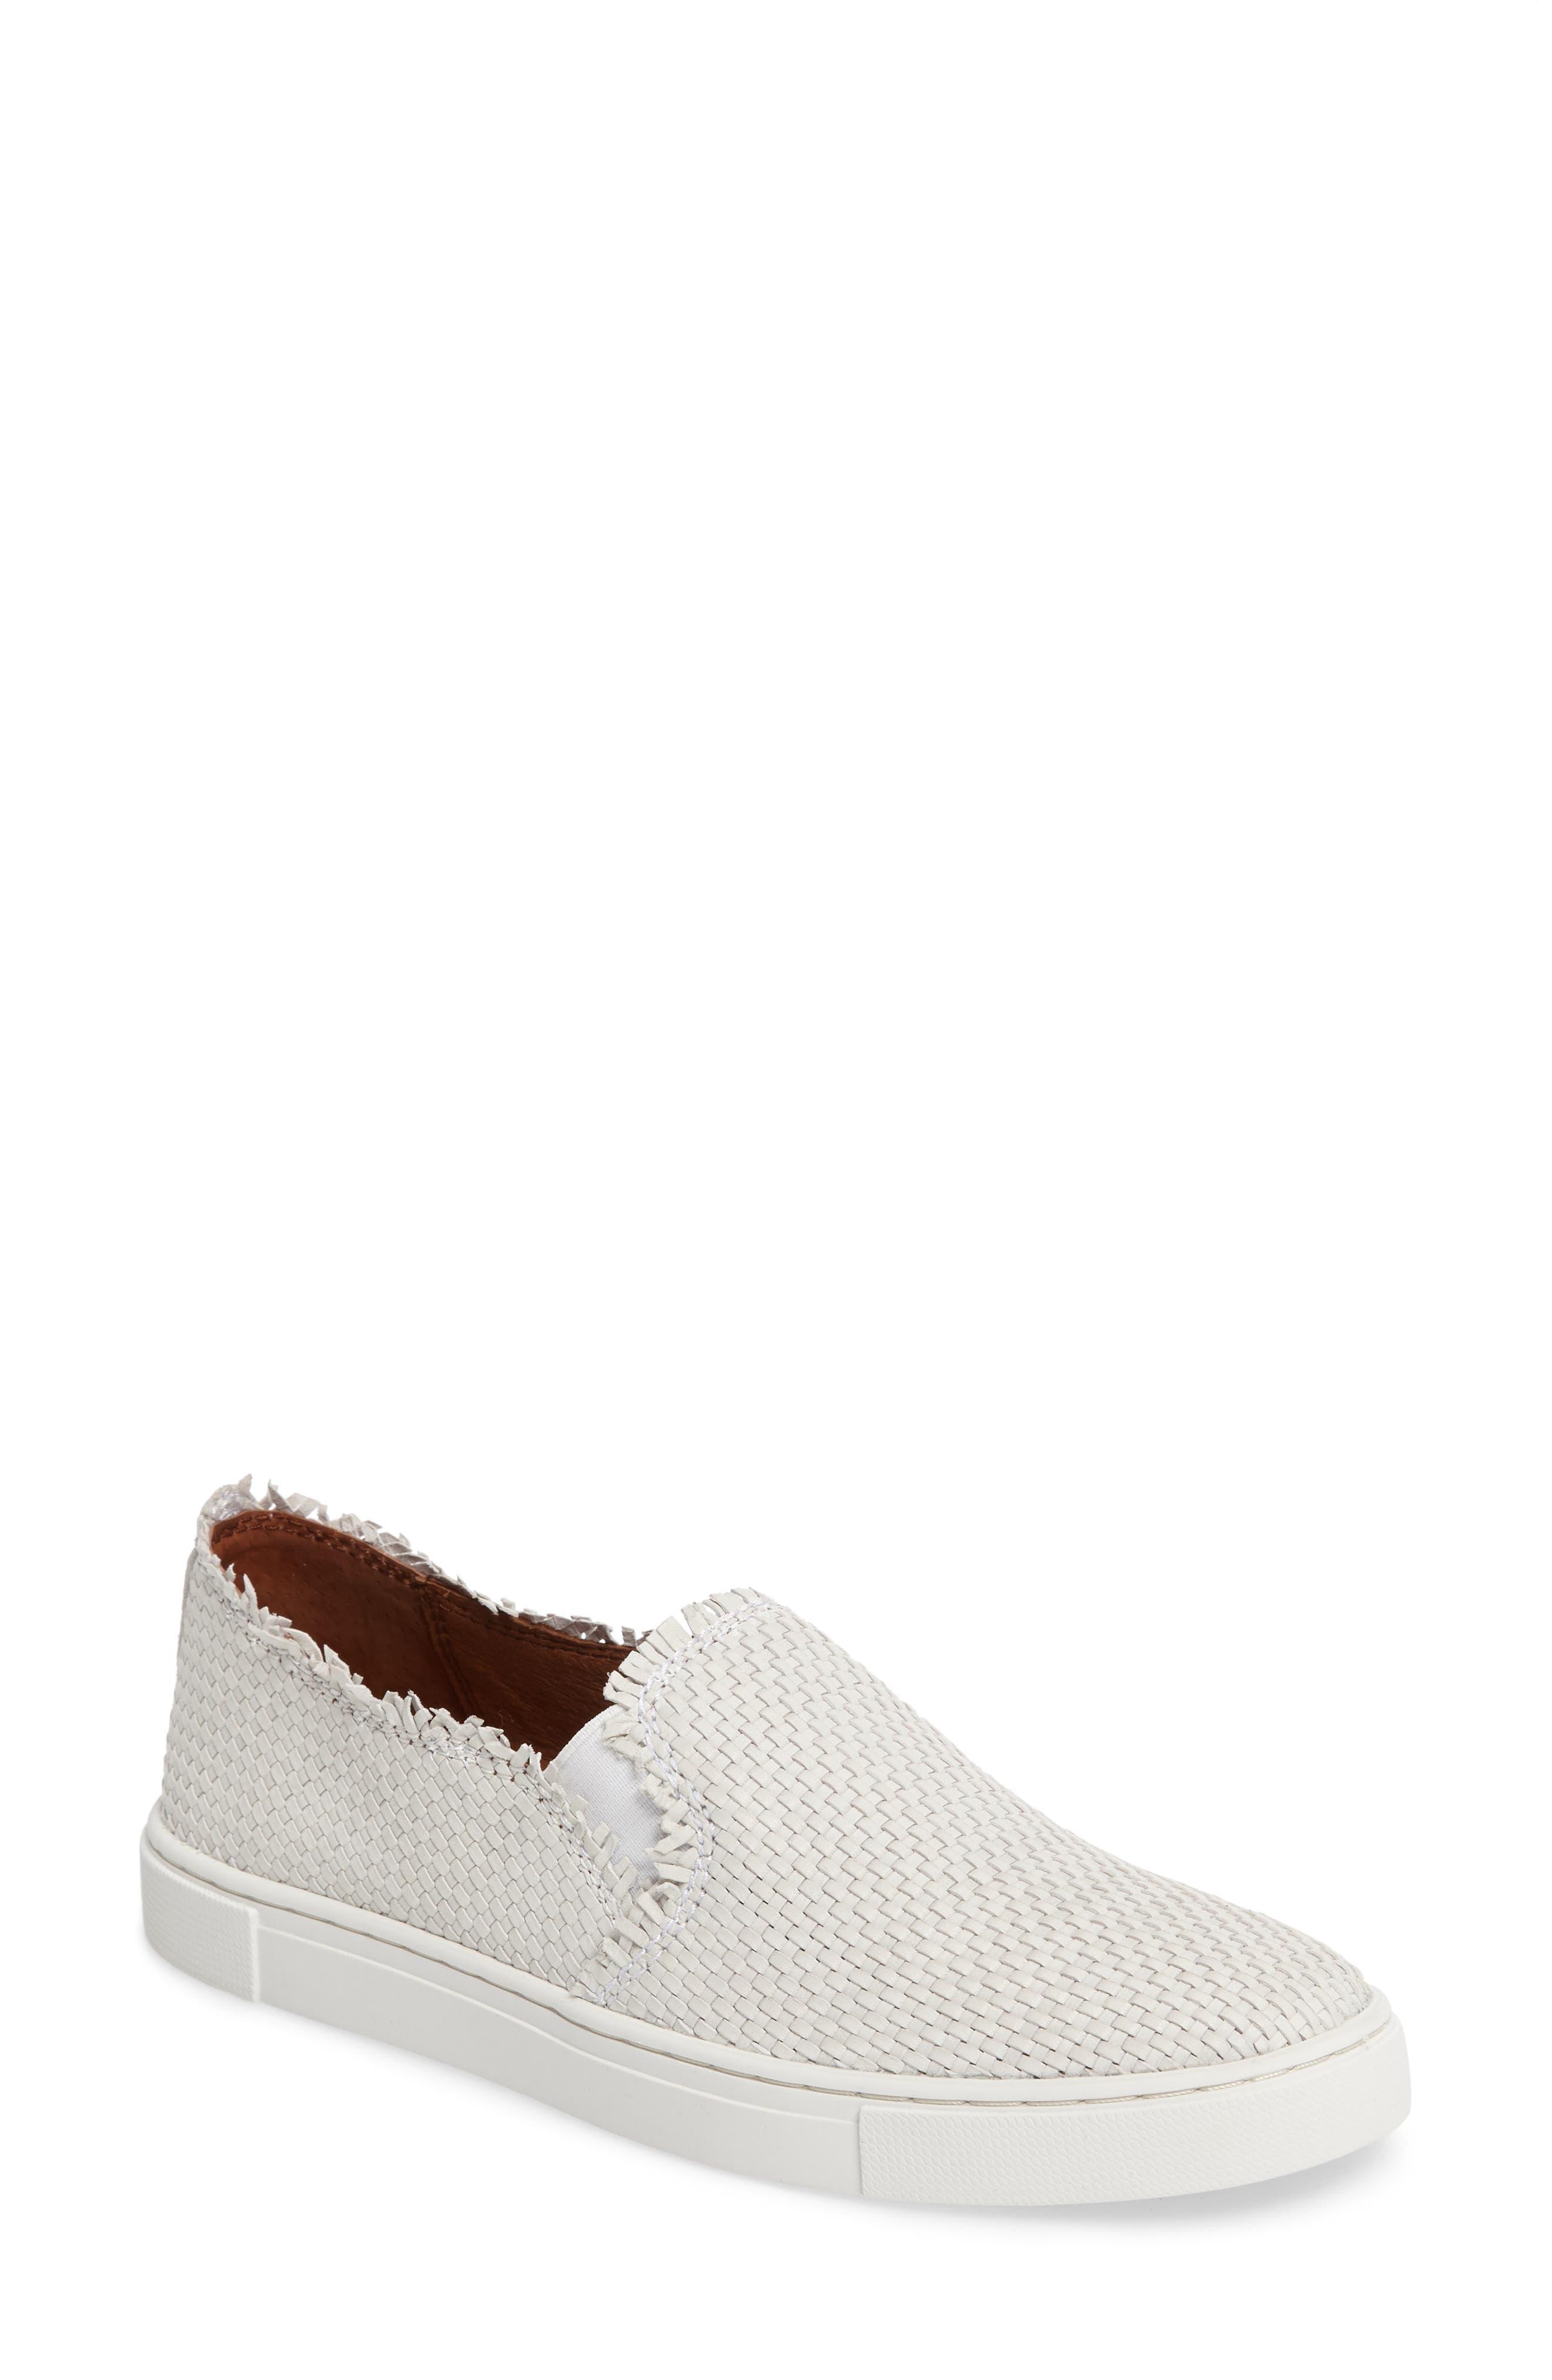 Alternate Image 1 Selected - Frye Ivy Fray Woven Slip-On Sneaker (Women)